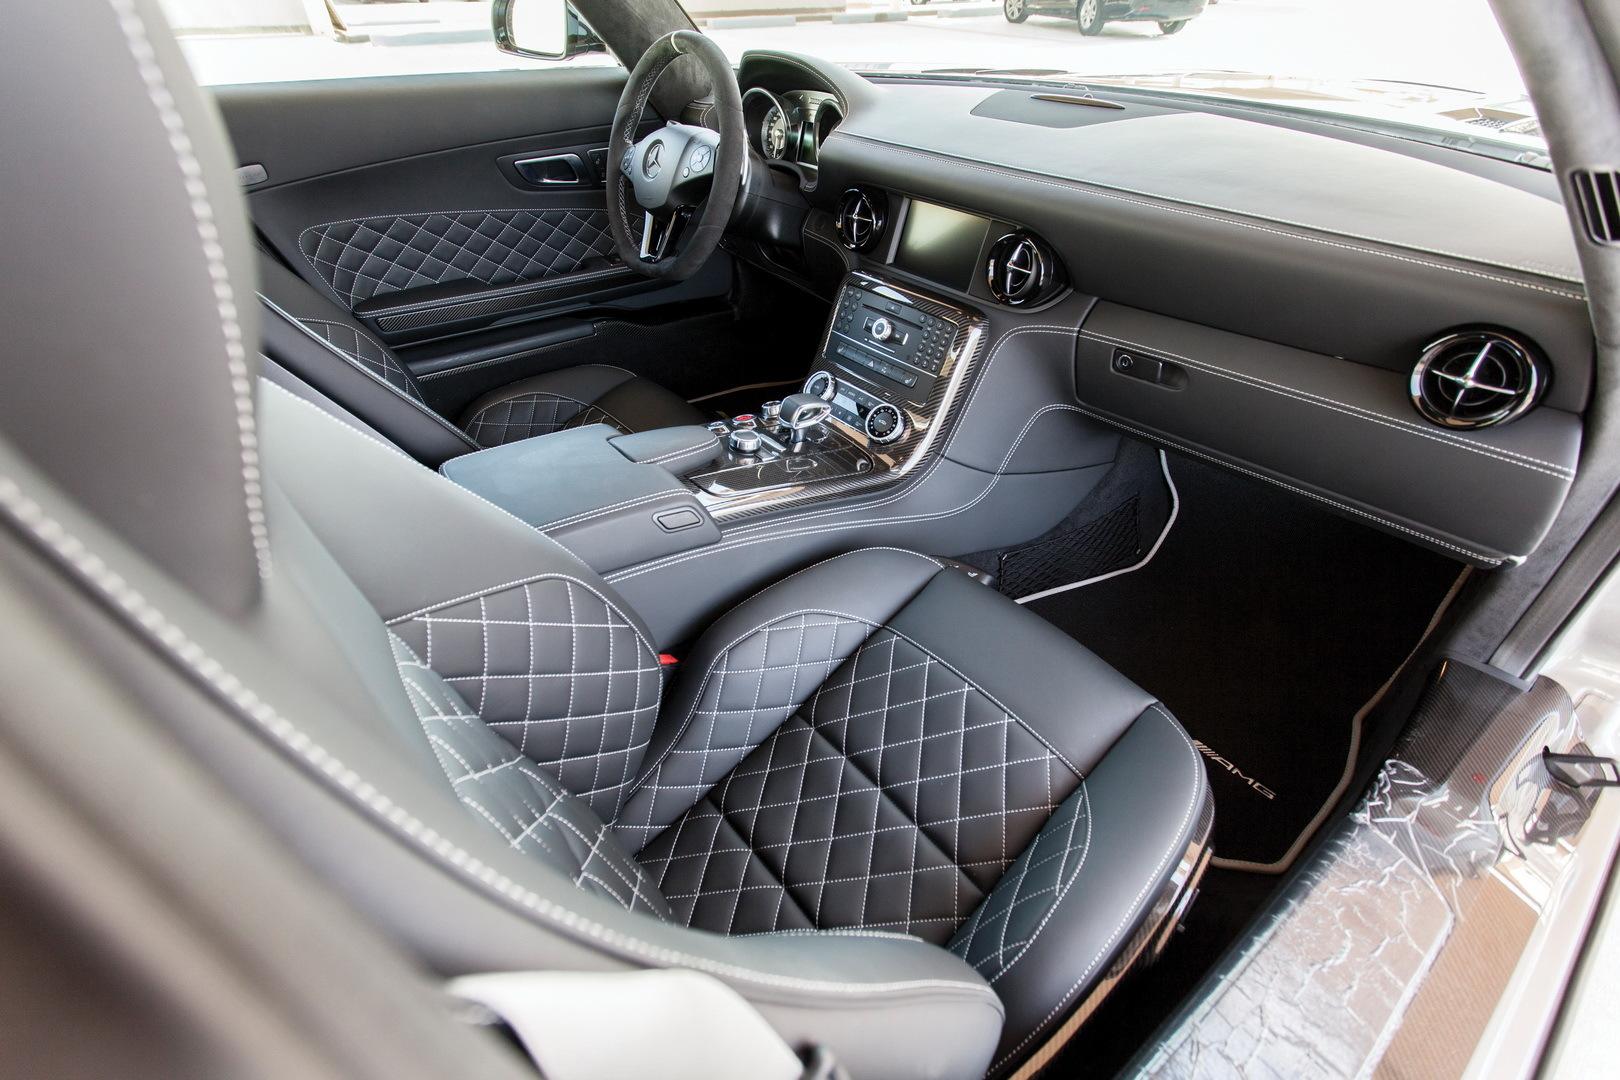 Xe cũ hàng hiếm của Mercedes-Benz rao giá gần 10 tỷ